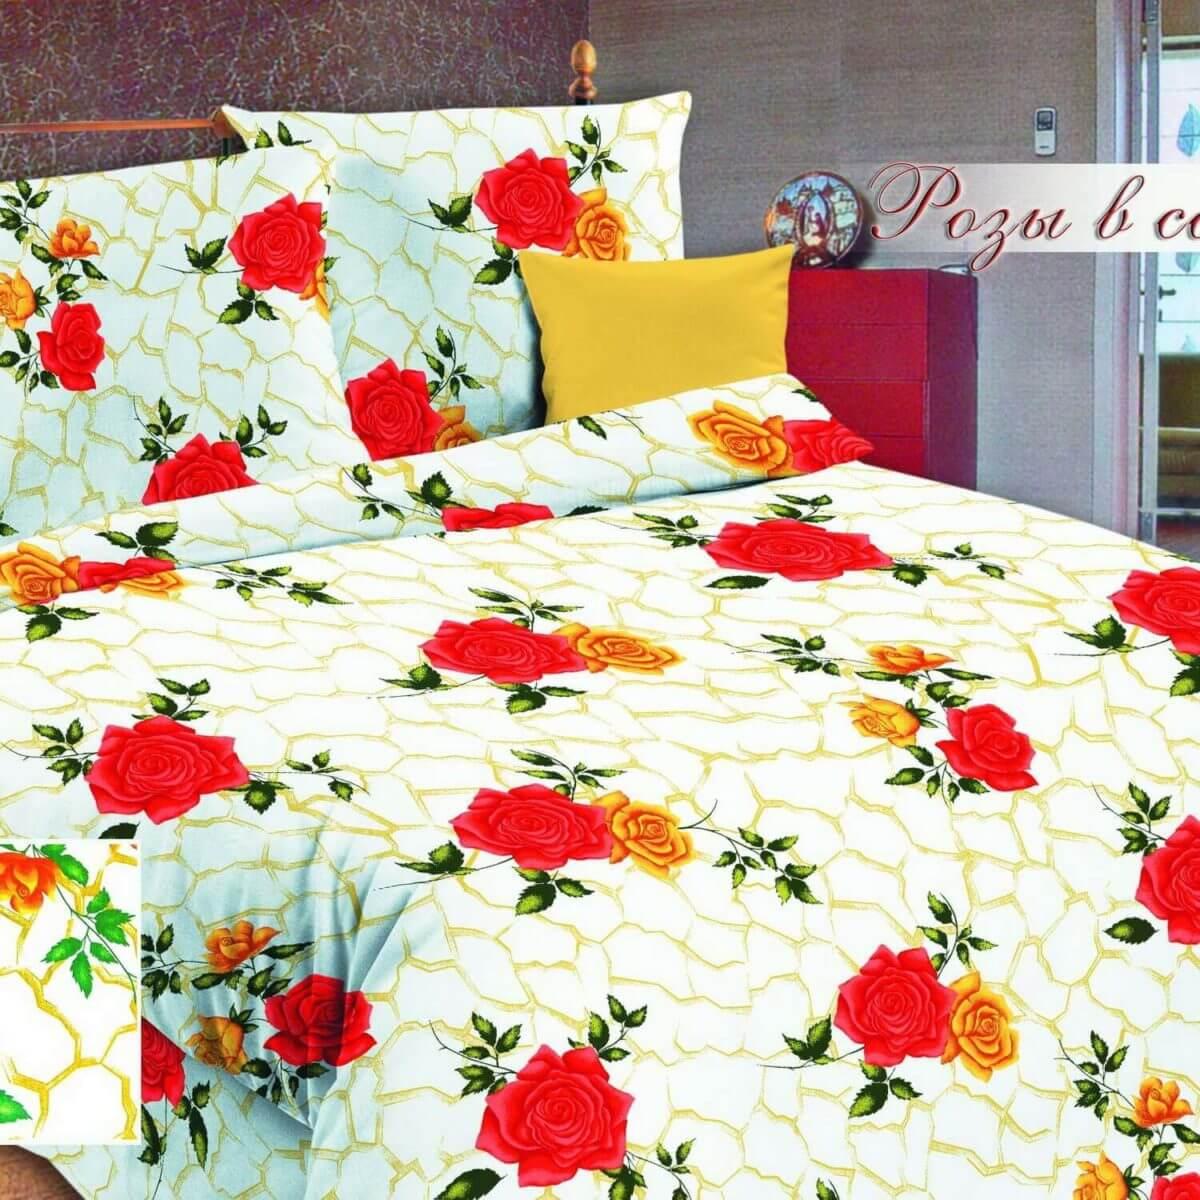 Фото 9 - Розы в сотах (3510/1).